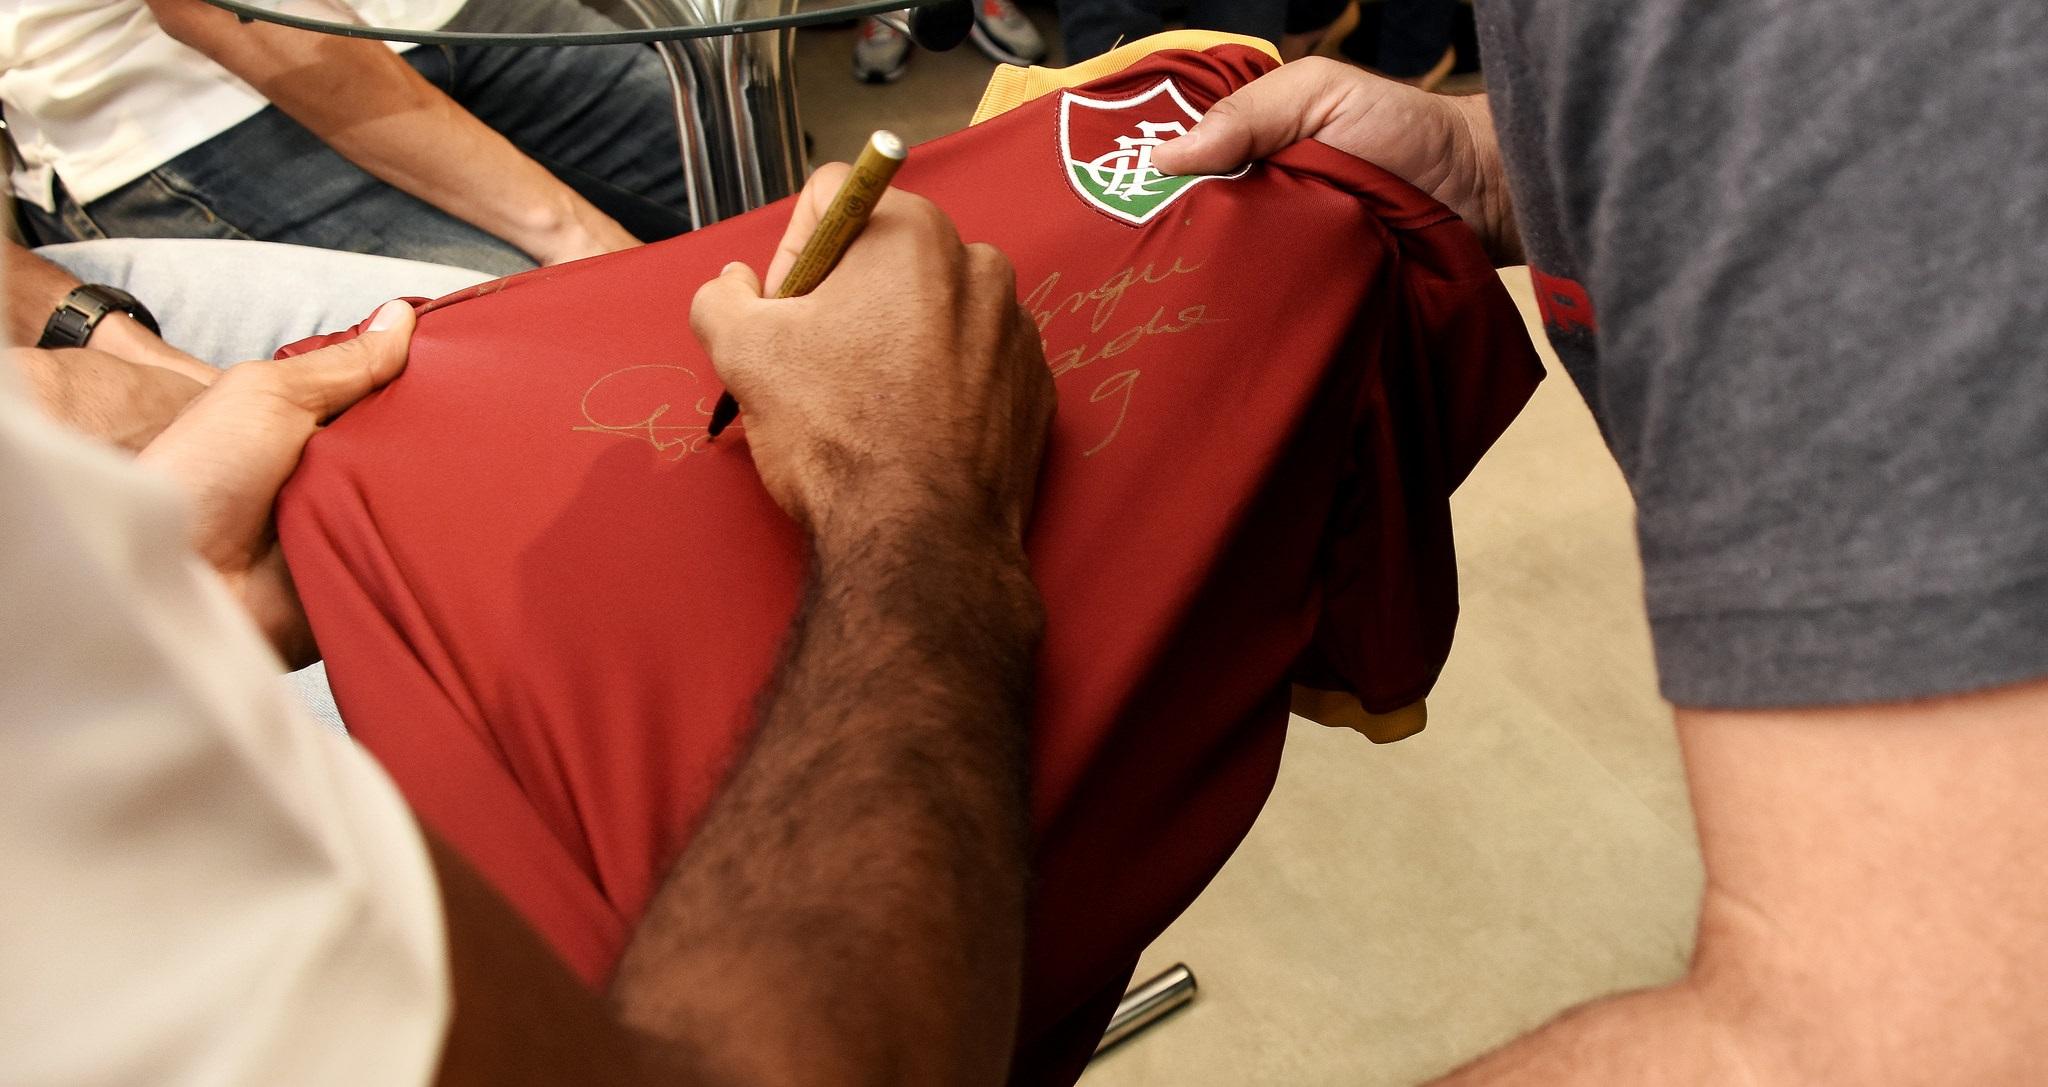 """... esteve na loja da Under Armour nesta sexta-feira para uma tarde de  autógrafos no novo uniforme do Fluminense. Com a campanha """"Sangue do  Encarnado"""" 25e7d61bcad8c"""